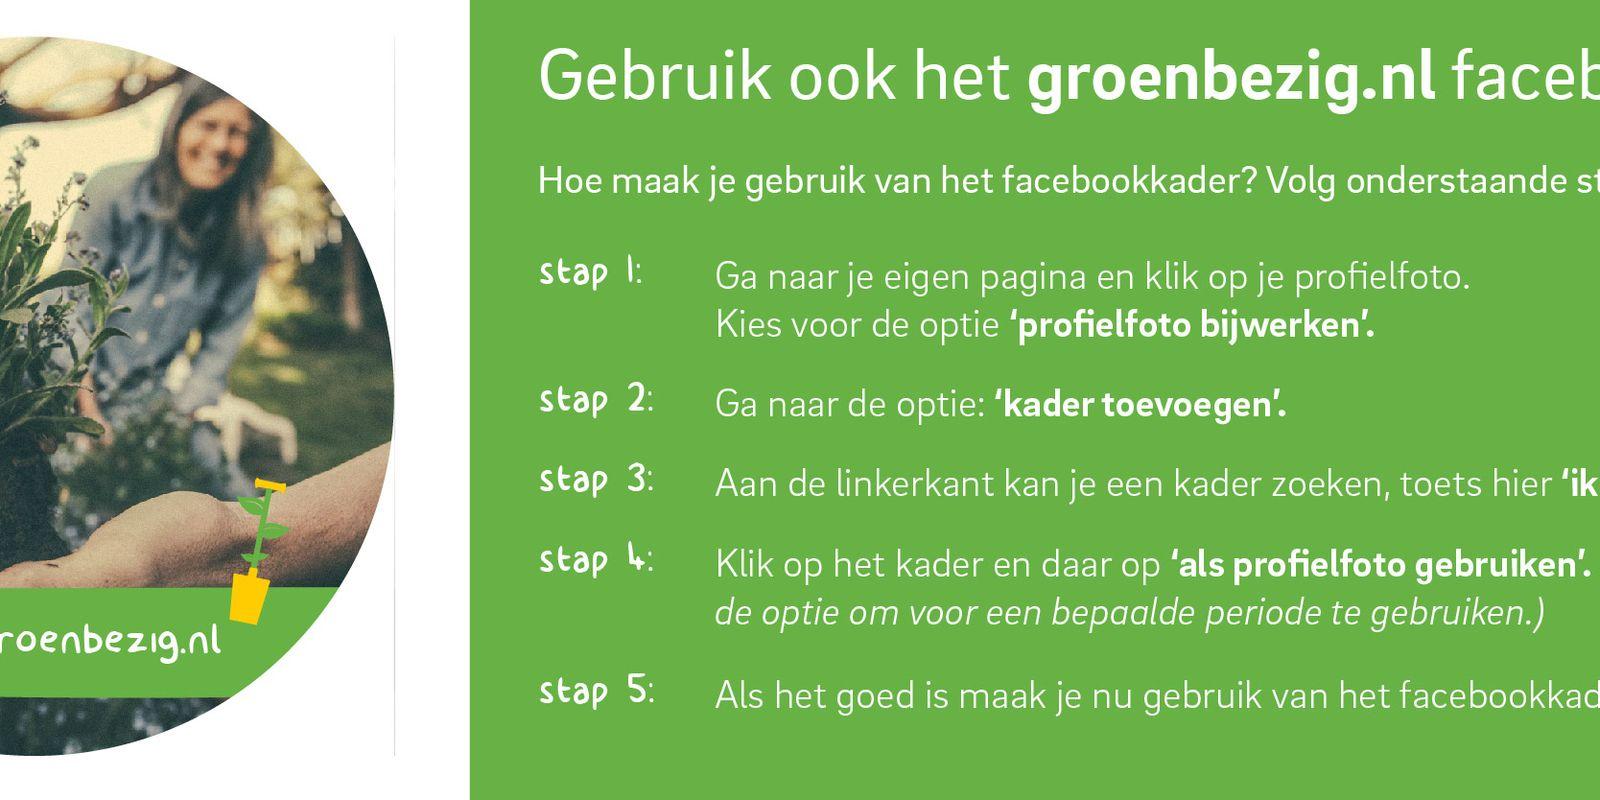 Groenbezig-facebookkader_Stappenplan